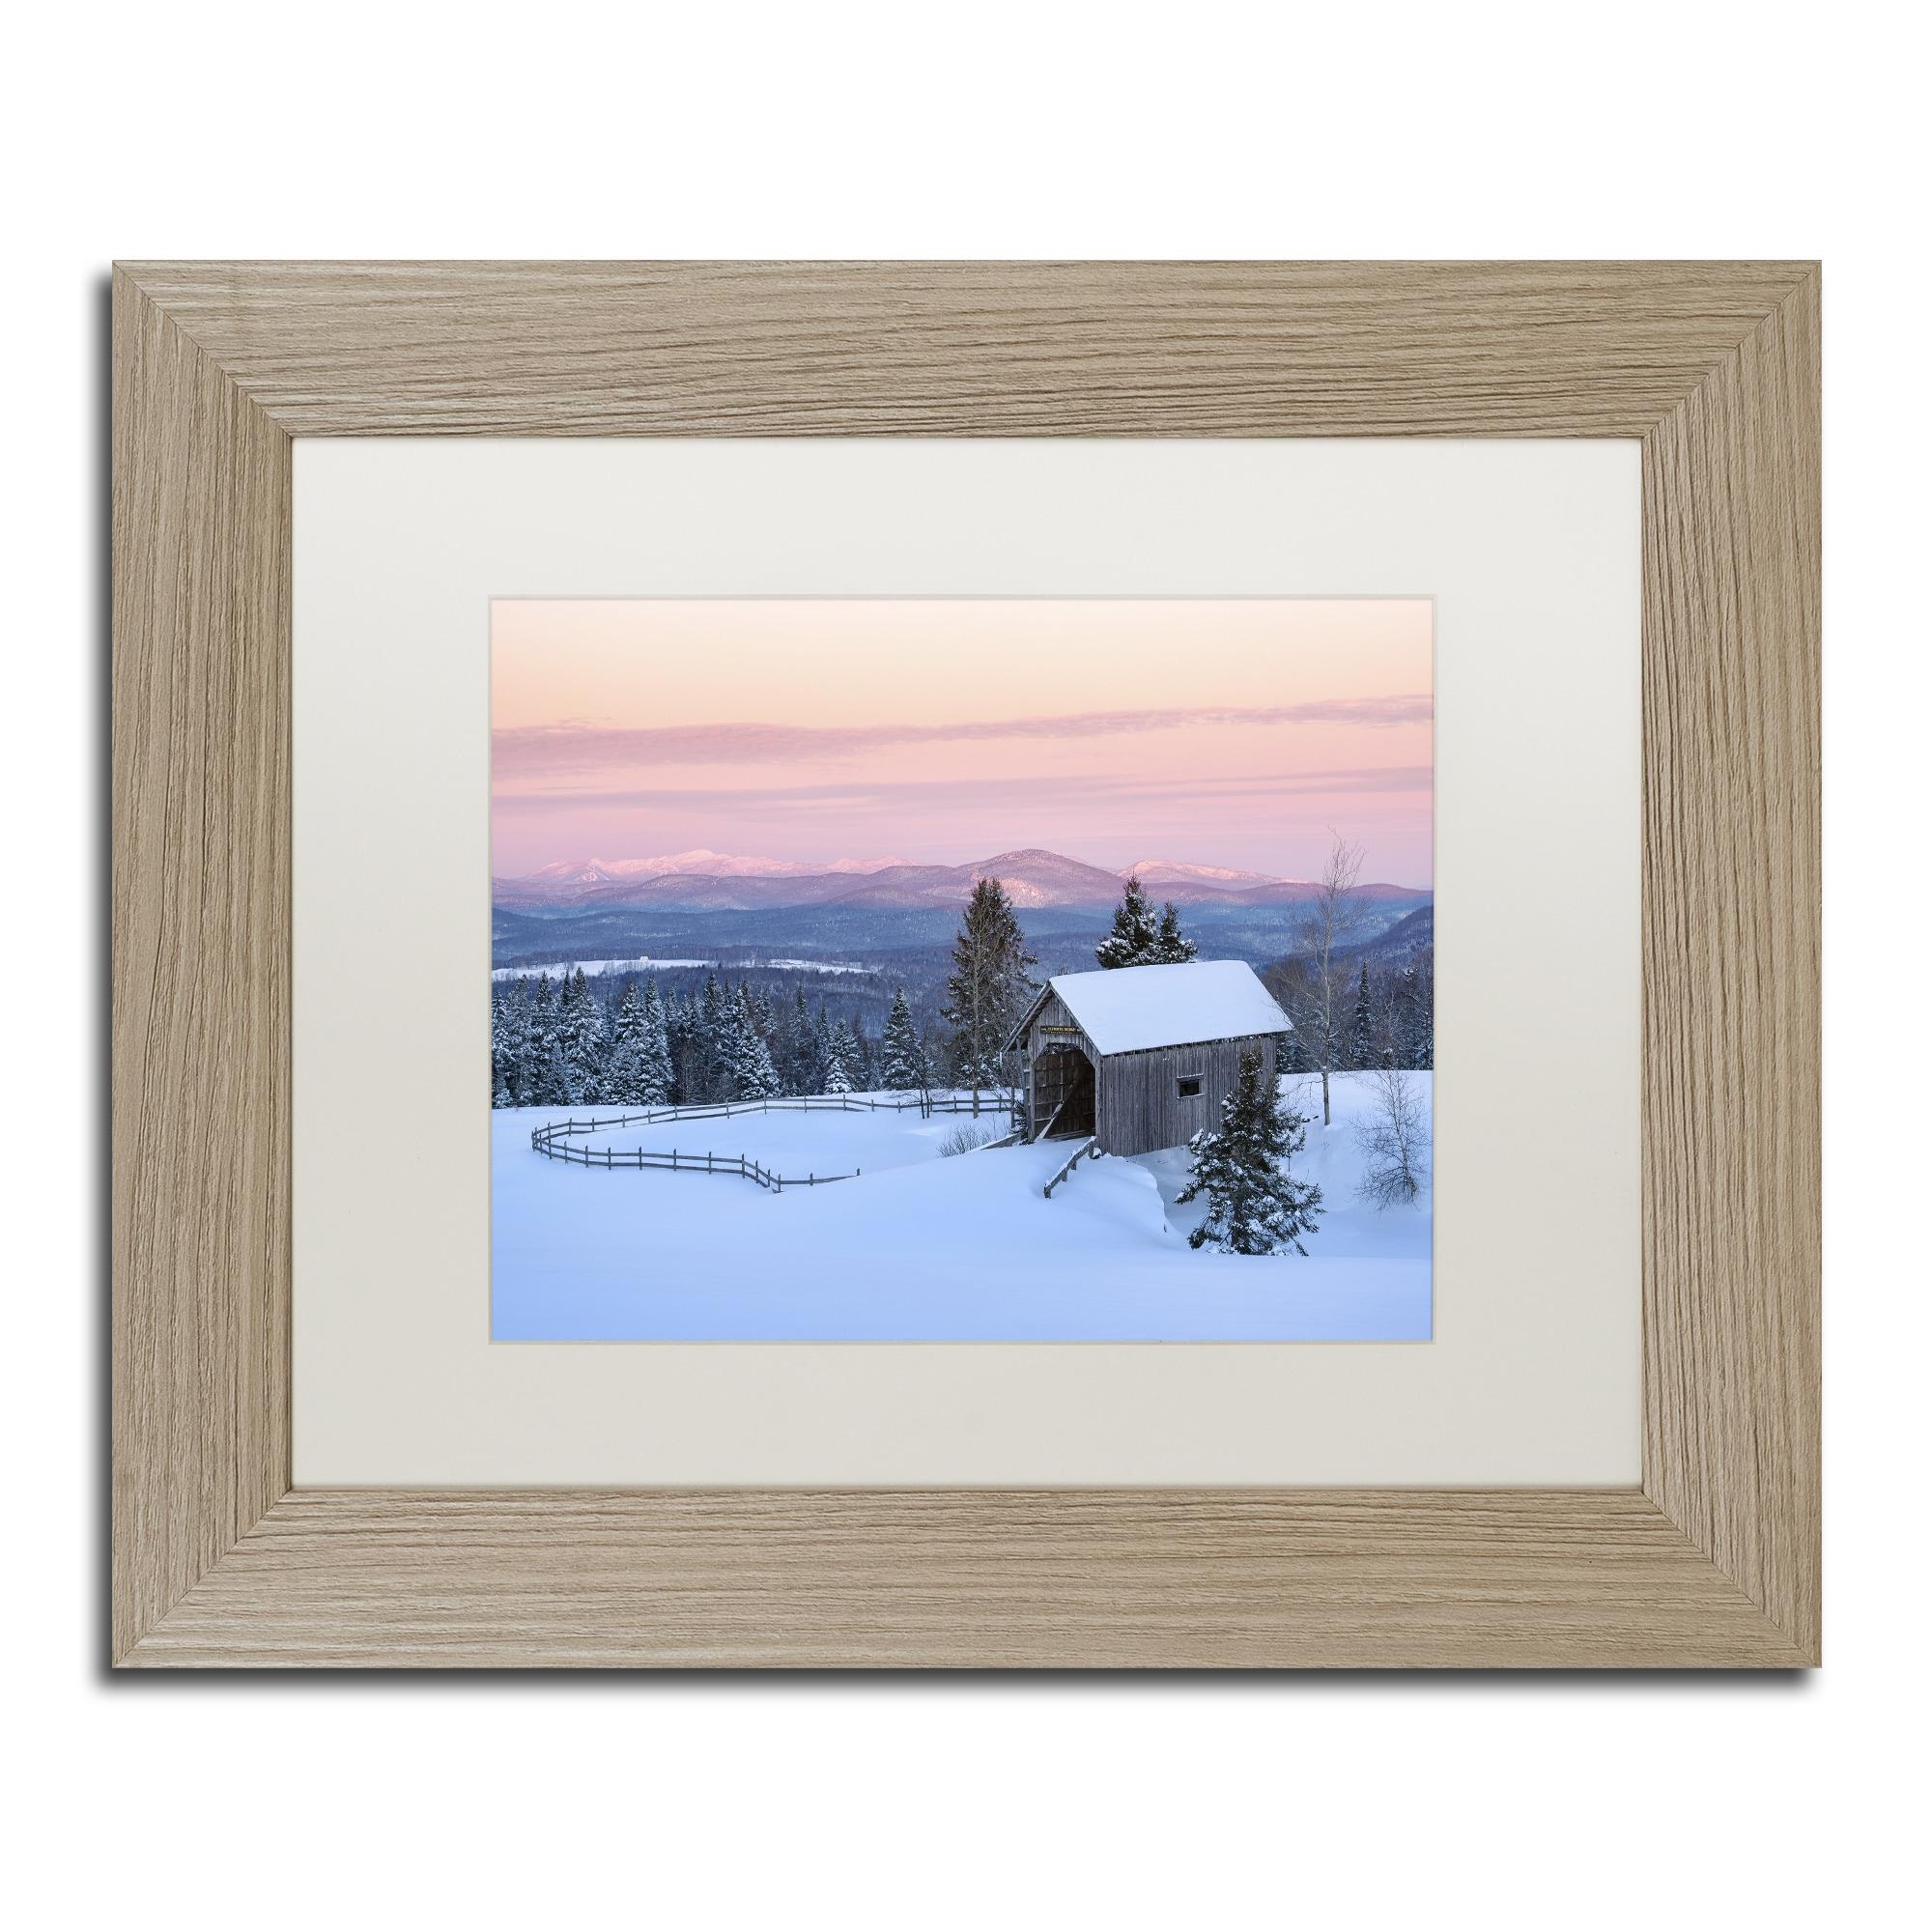 Michael Blanchette Photography Light In The Forest Ornate Framed Art Overstock 13544007